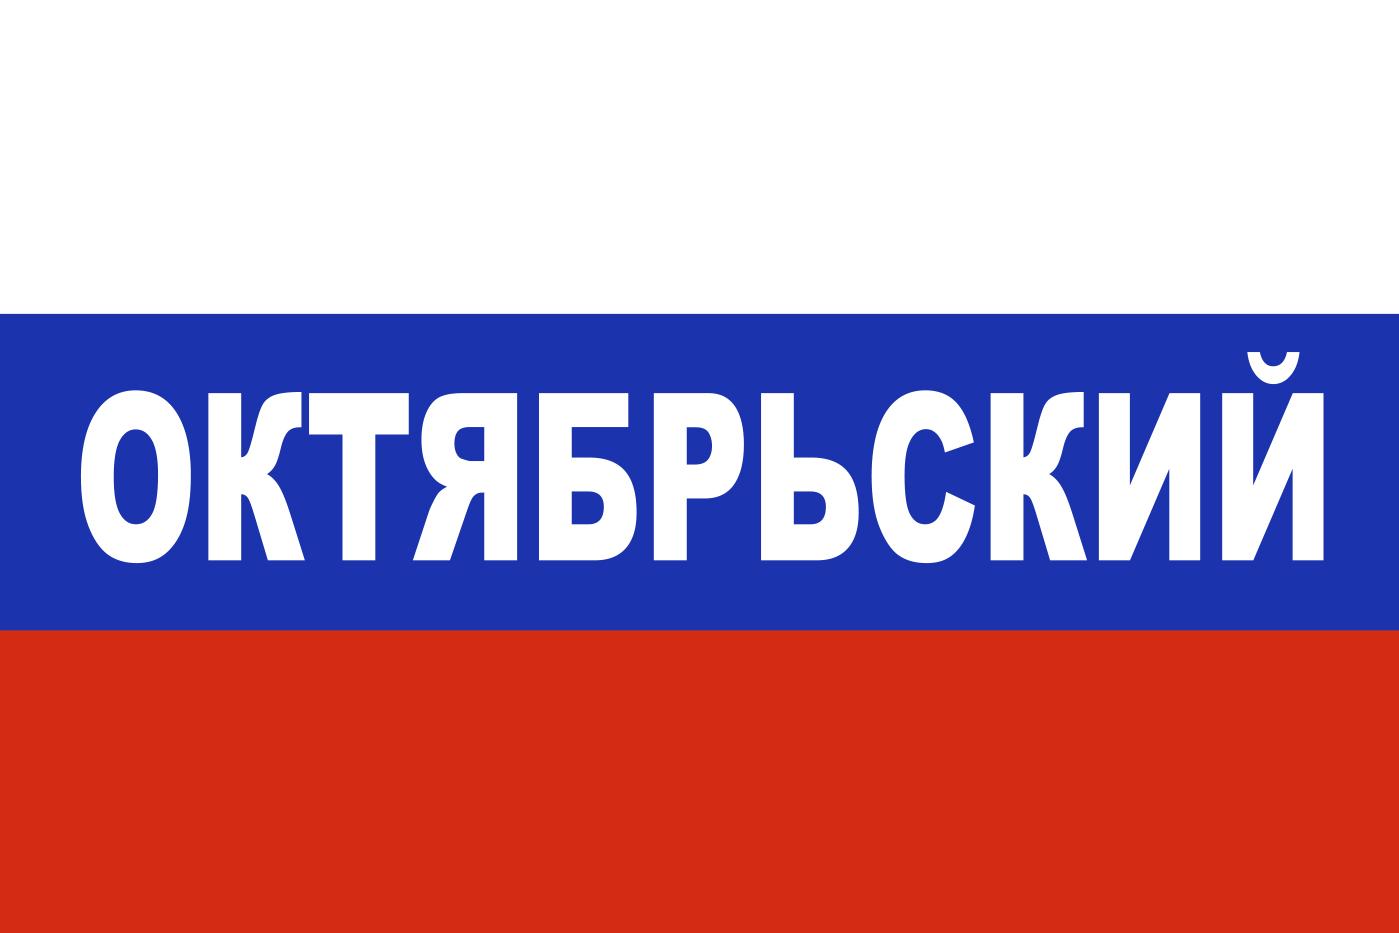 Флаг триколор Октябрьский